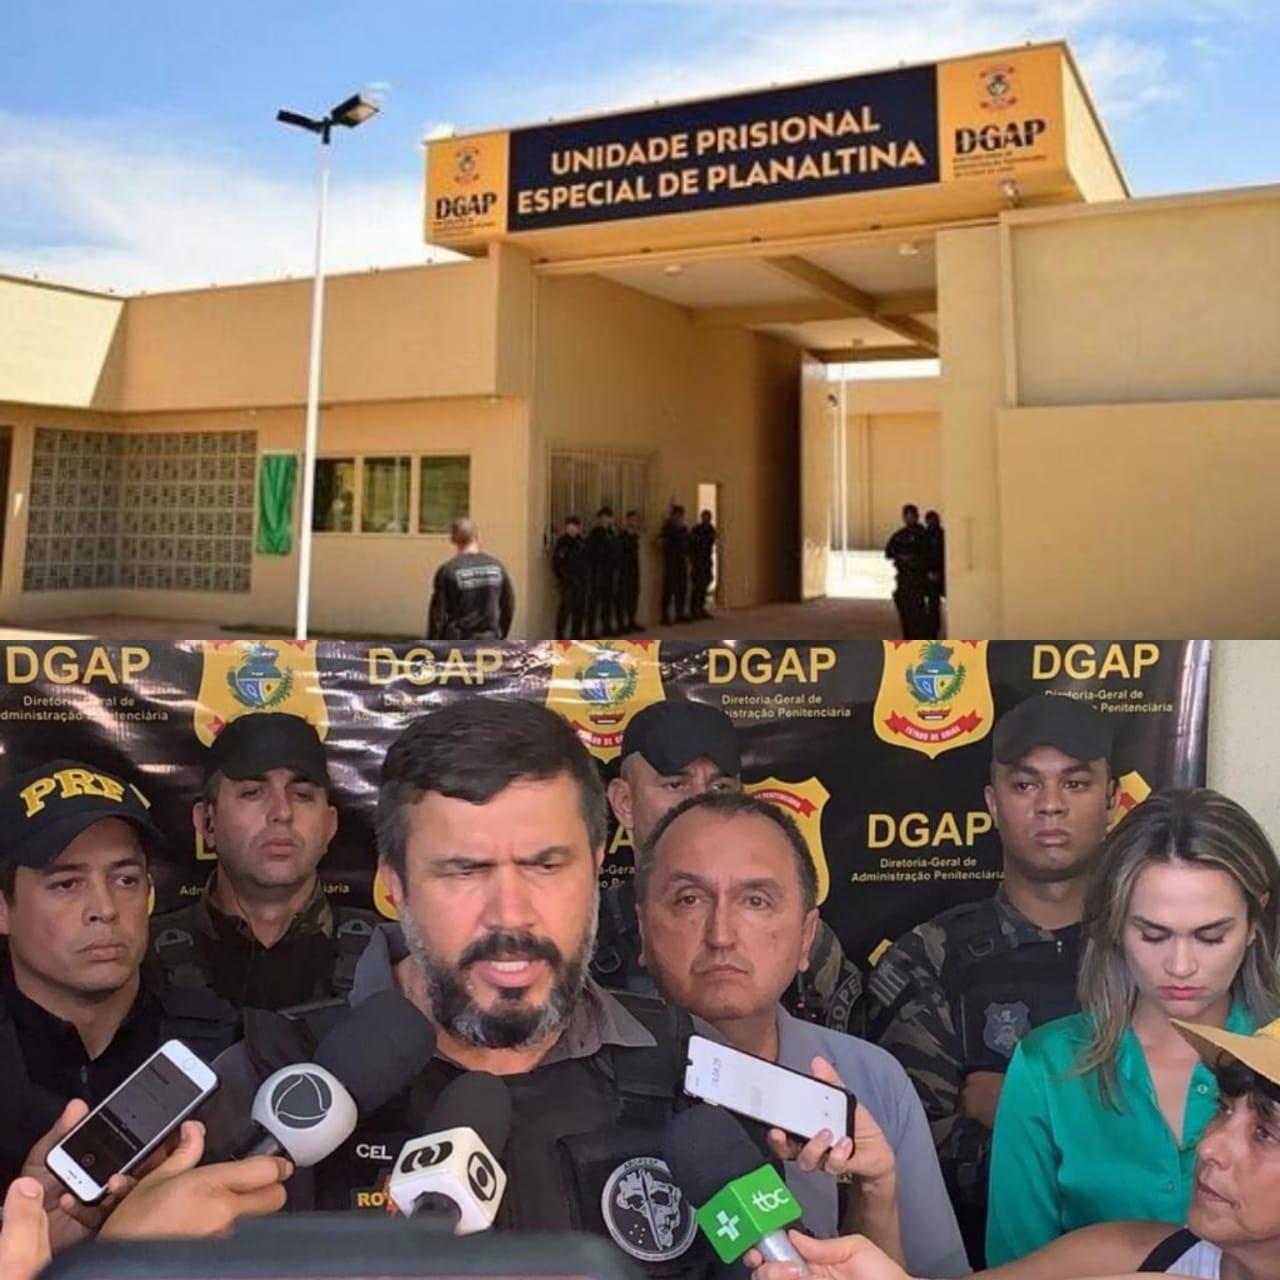 Detentos de alta periculosidade s�o transferidos para a pres�dio de Planaltina